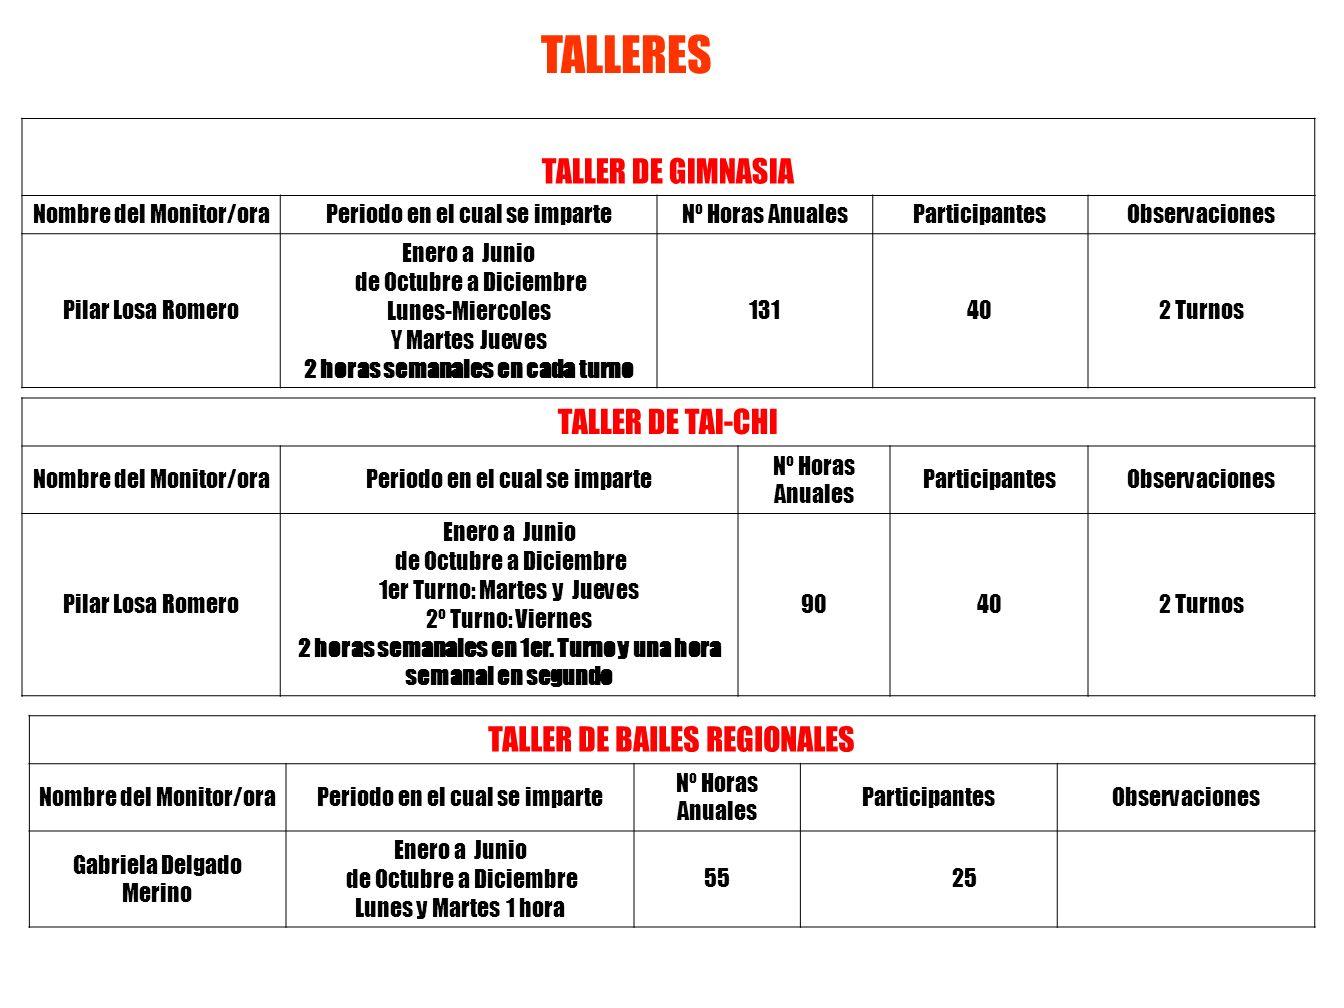 TALLERES TALLER DE GIMNASIA TALLER DE TAI-CHI